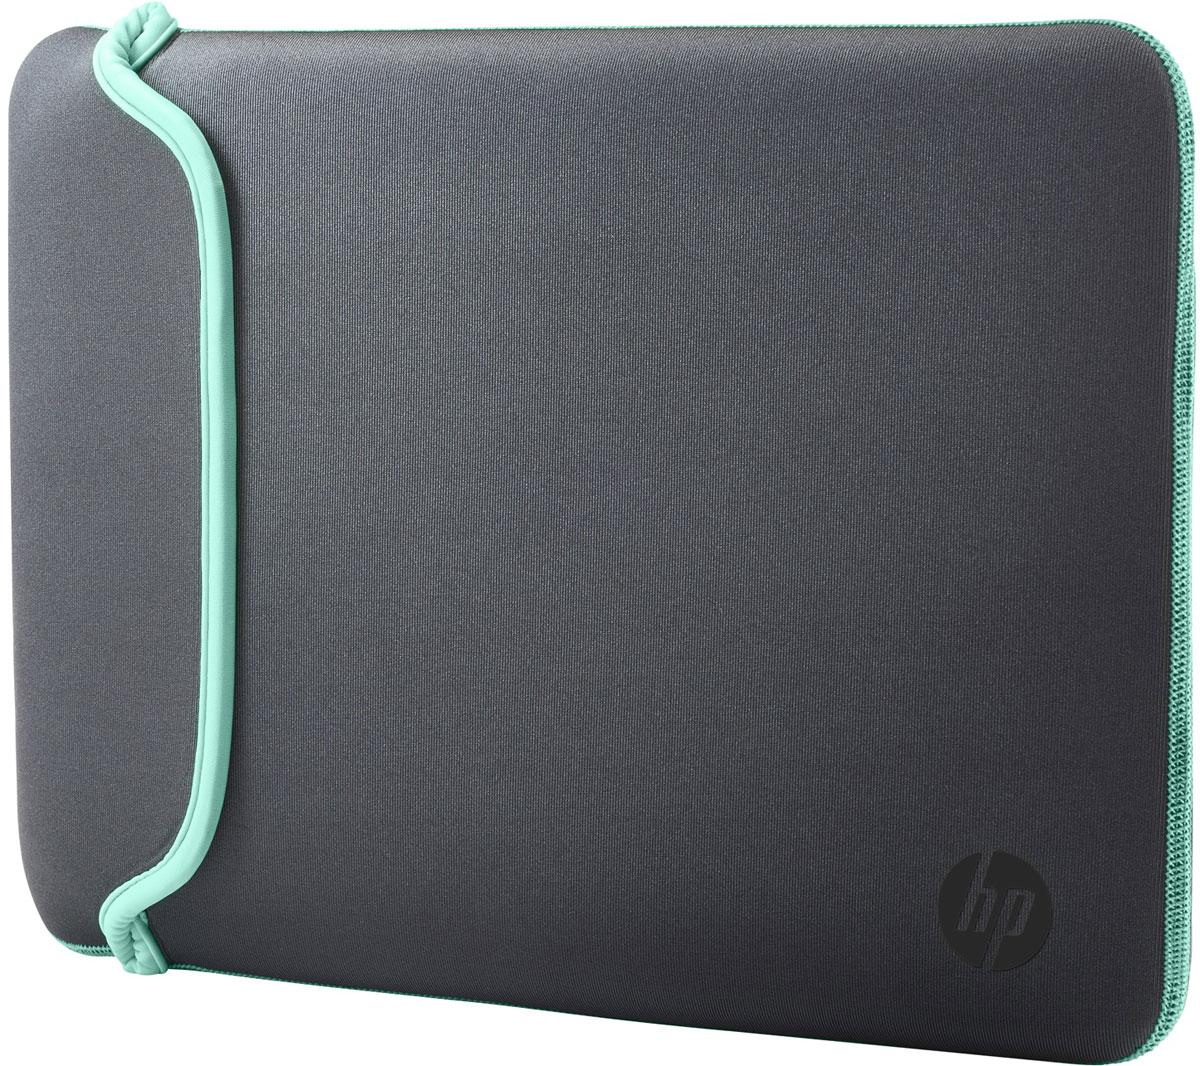 HP Neoprene Sleeve чехол для ноутбука 14, Grey Green (V5C29AA)1000398661Поместите свой ноутбук в этот яркий и надежный цветной чехол HP Neoprene Sleeve. Этот прочный неопреновый чехол защищает ваш ПК от внешних воздействий, ударов и царапин. Аксессуар выполнен из двустороннего материала, так что вы в любой момент можете изменить его цвет.